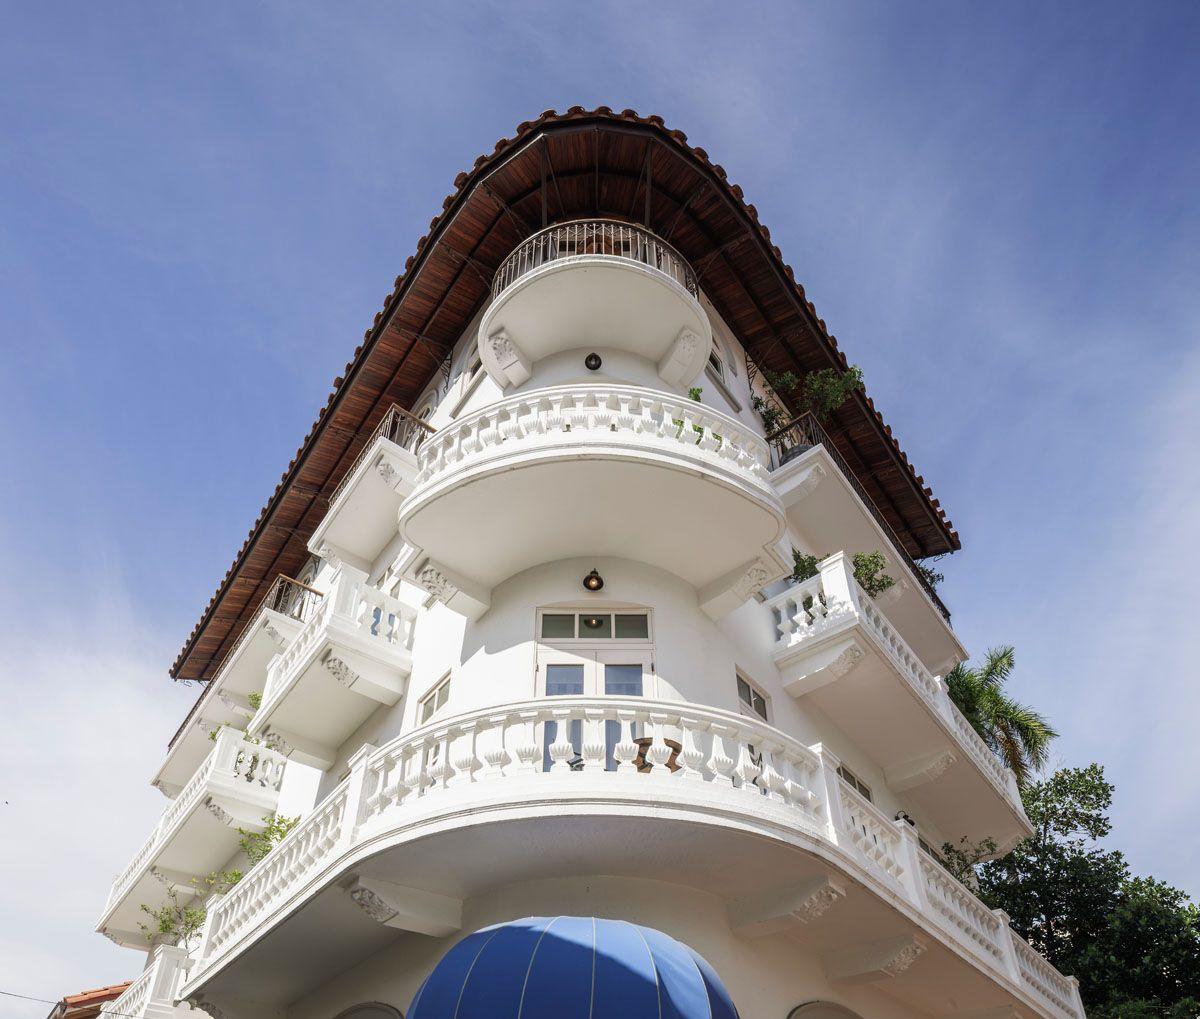 Las Clementinas Casco Viejo Panama Boutique Hotel Architecture Landmark Boutique Hotel Jaen